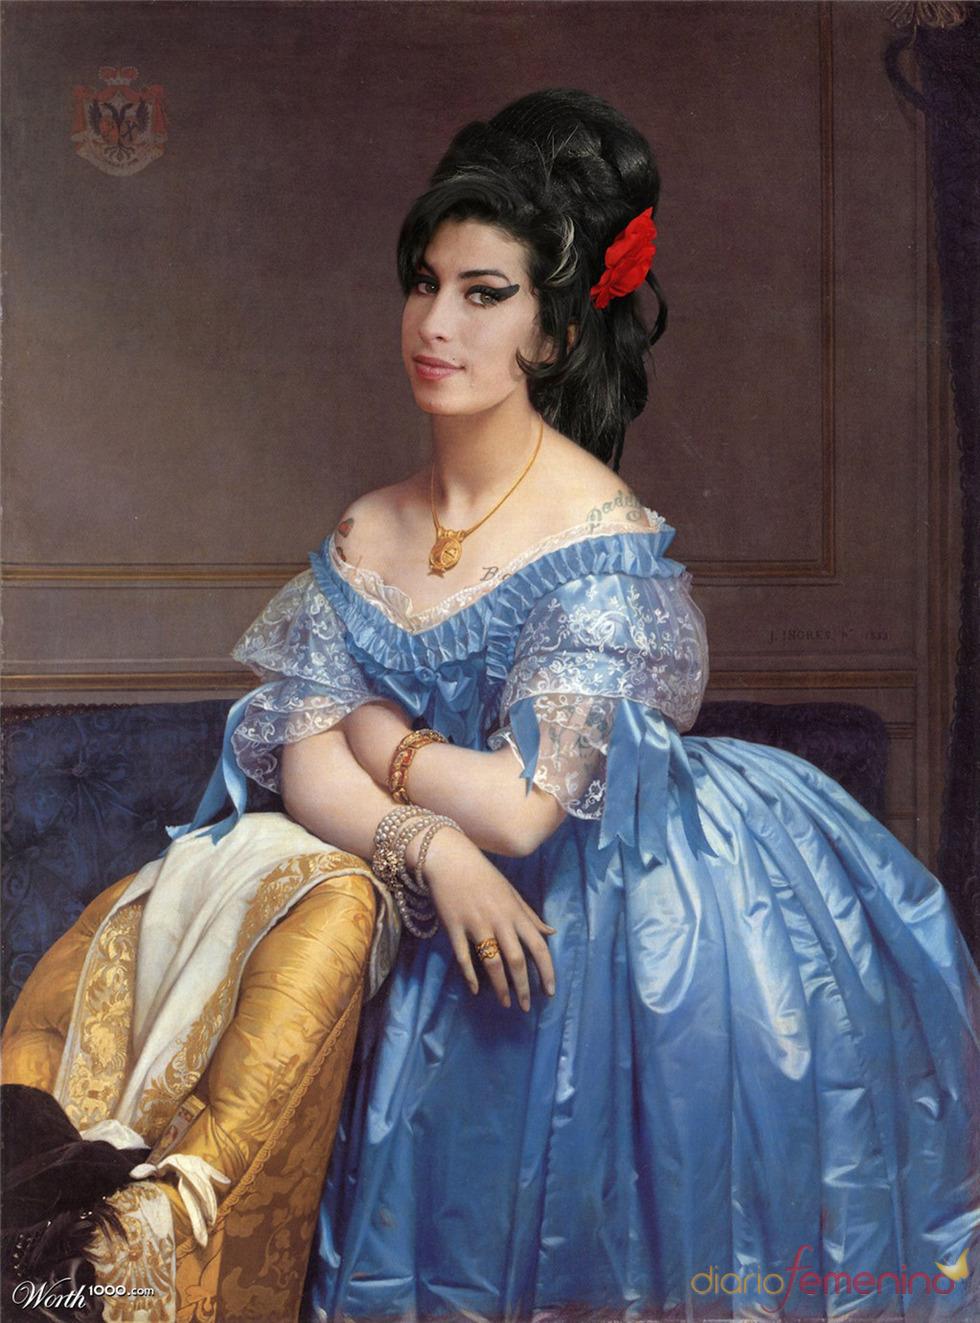 Amy Winehouse convertida en arte clásico en Worth1000.com